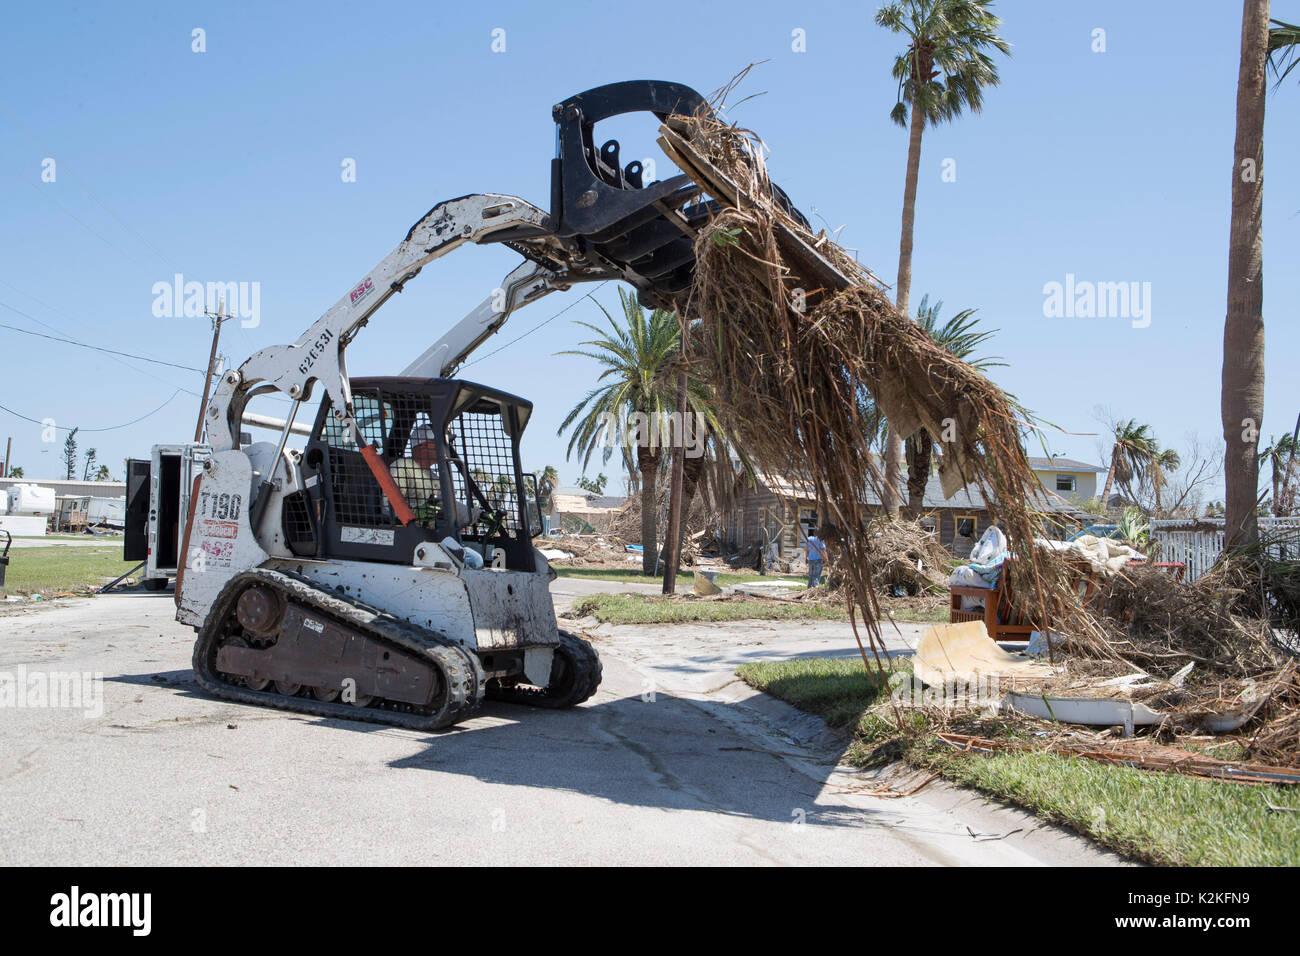 Construction Worker Texas Usa Stockfotos & Construction Worker Texas ...